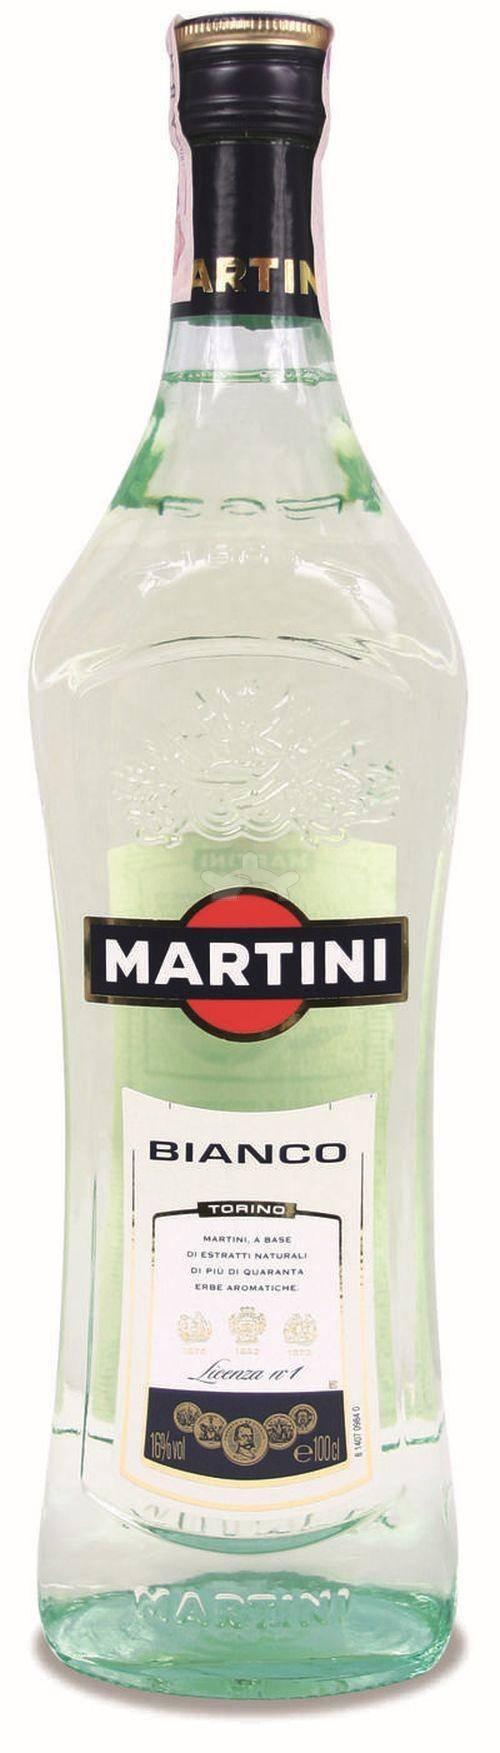 Сколько градусов в мартини бьянко